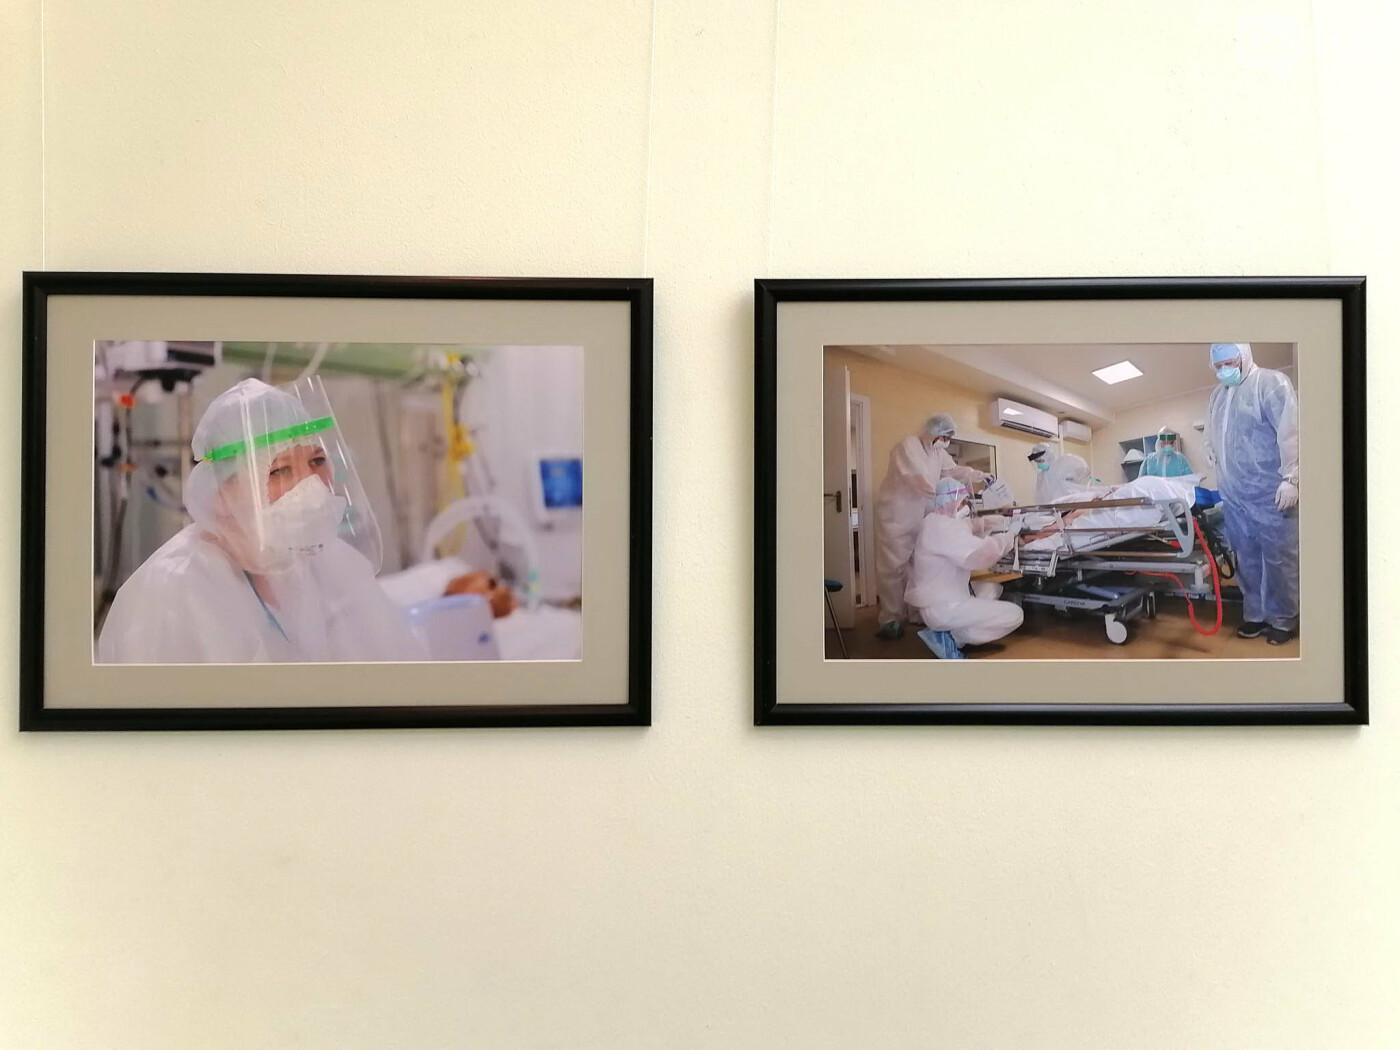 В Белгороде открылась фотовыставка, посвящённая медикам, фото-6